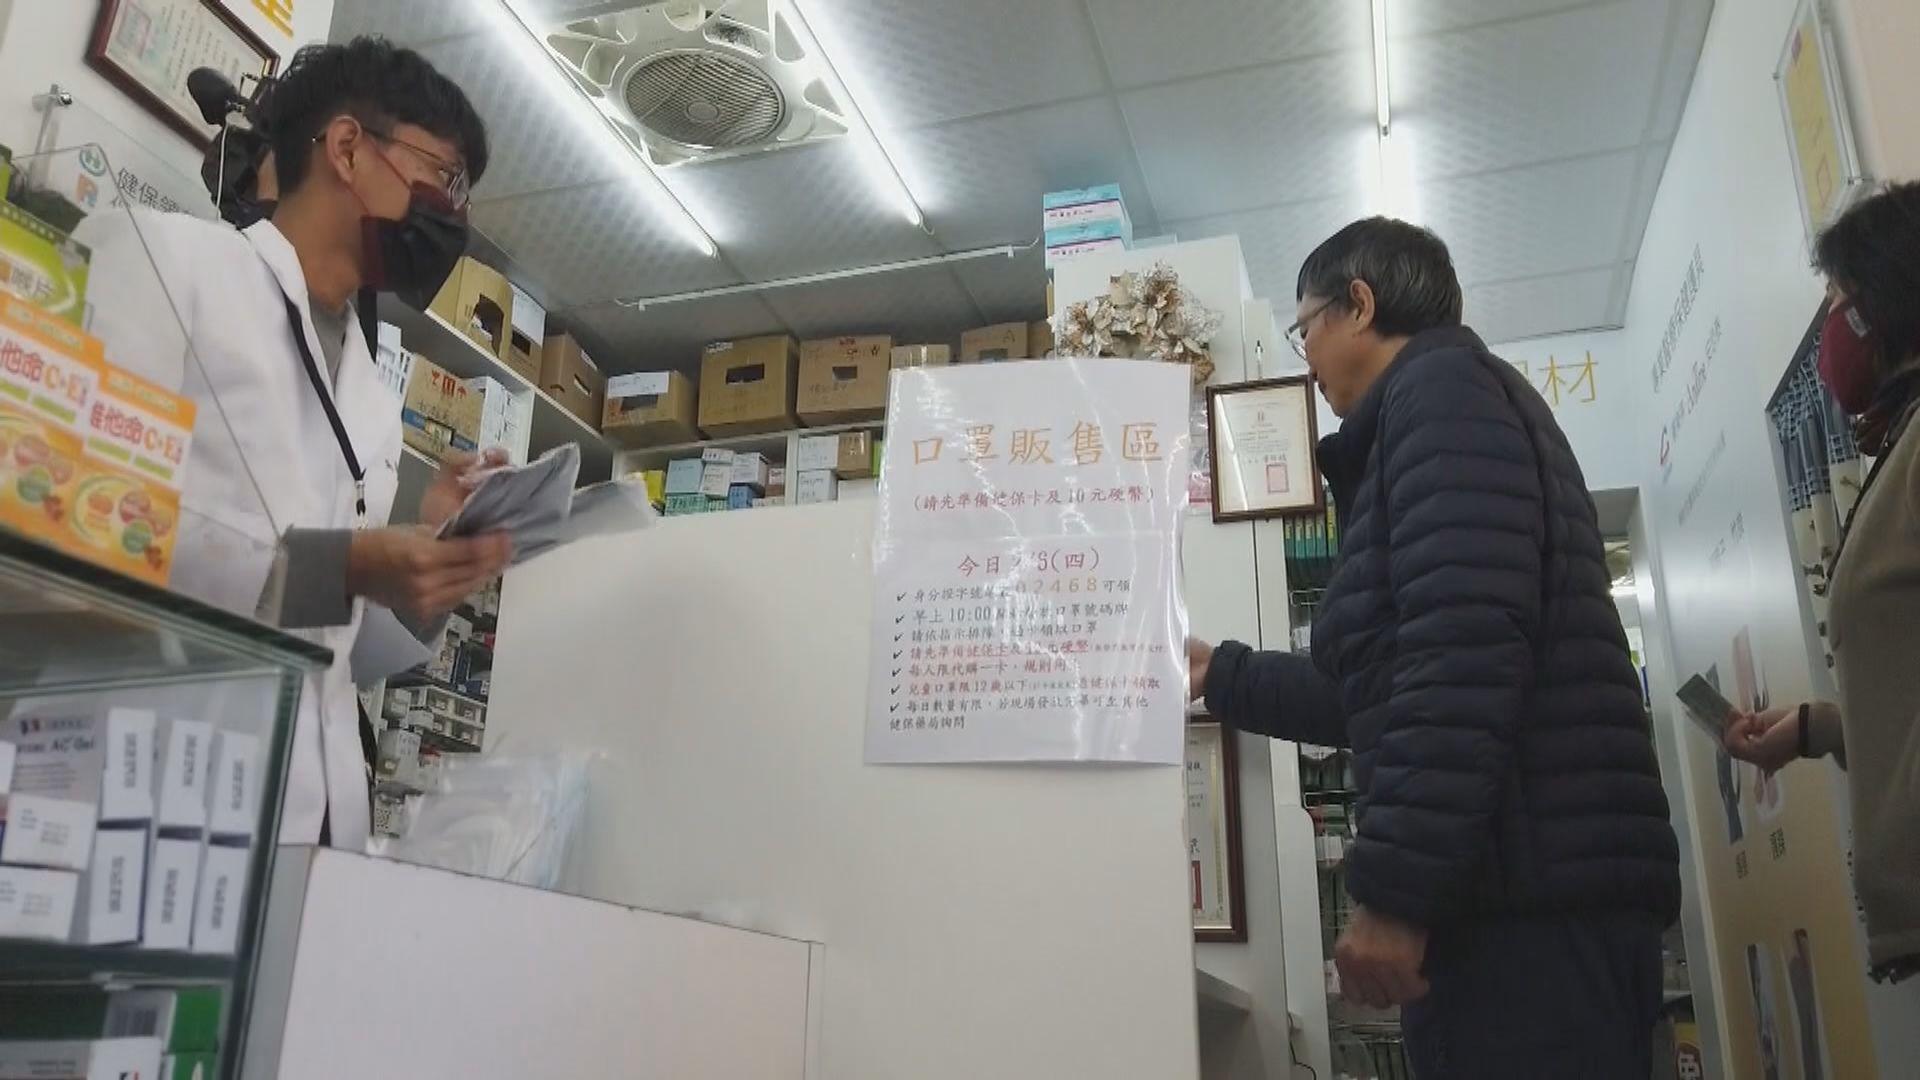 台灣禁止國際郵輪停泊台灣港口 即日起買口罩實名制